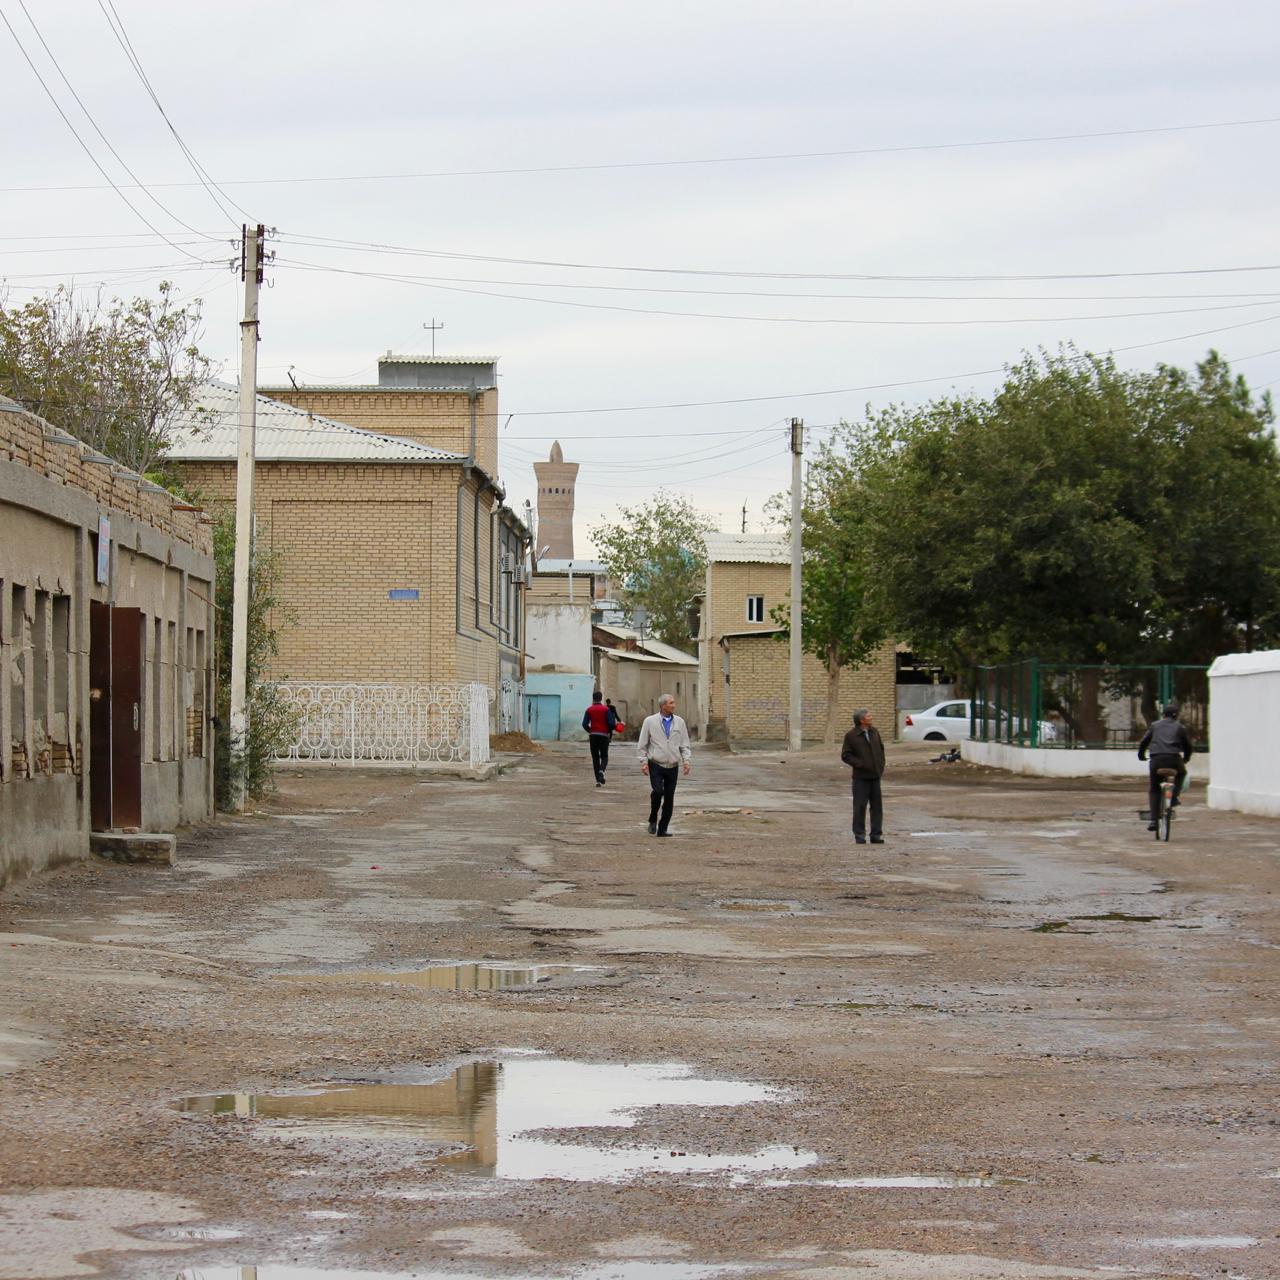 bukhara, uzbekistan - 10